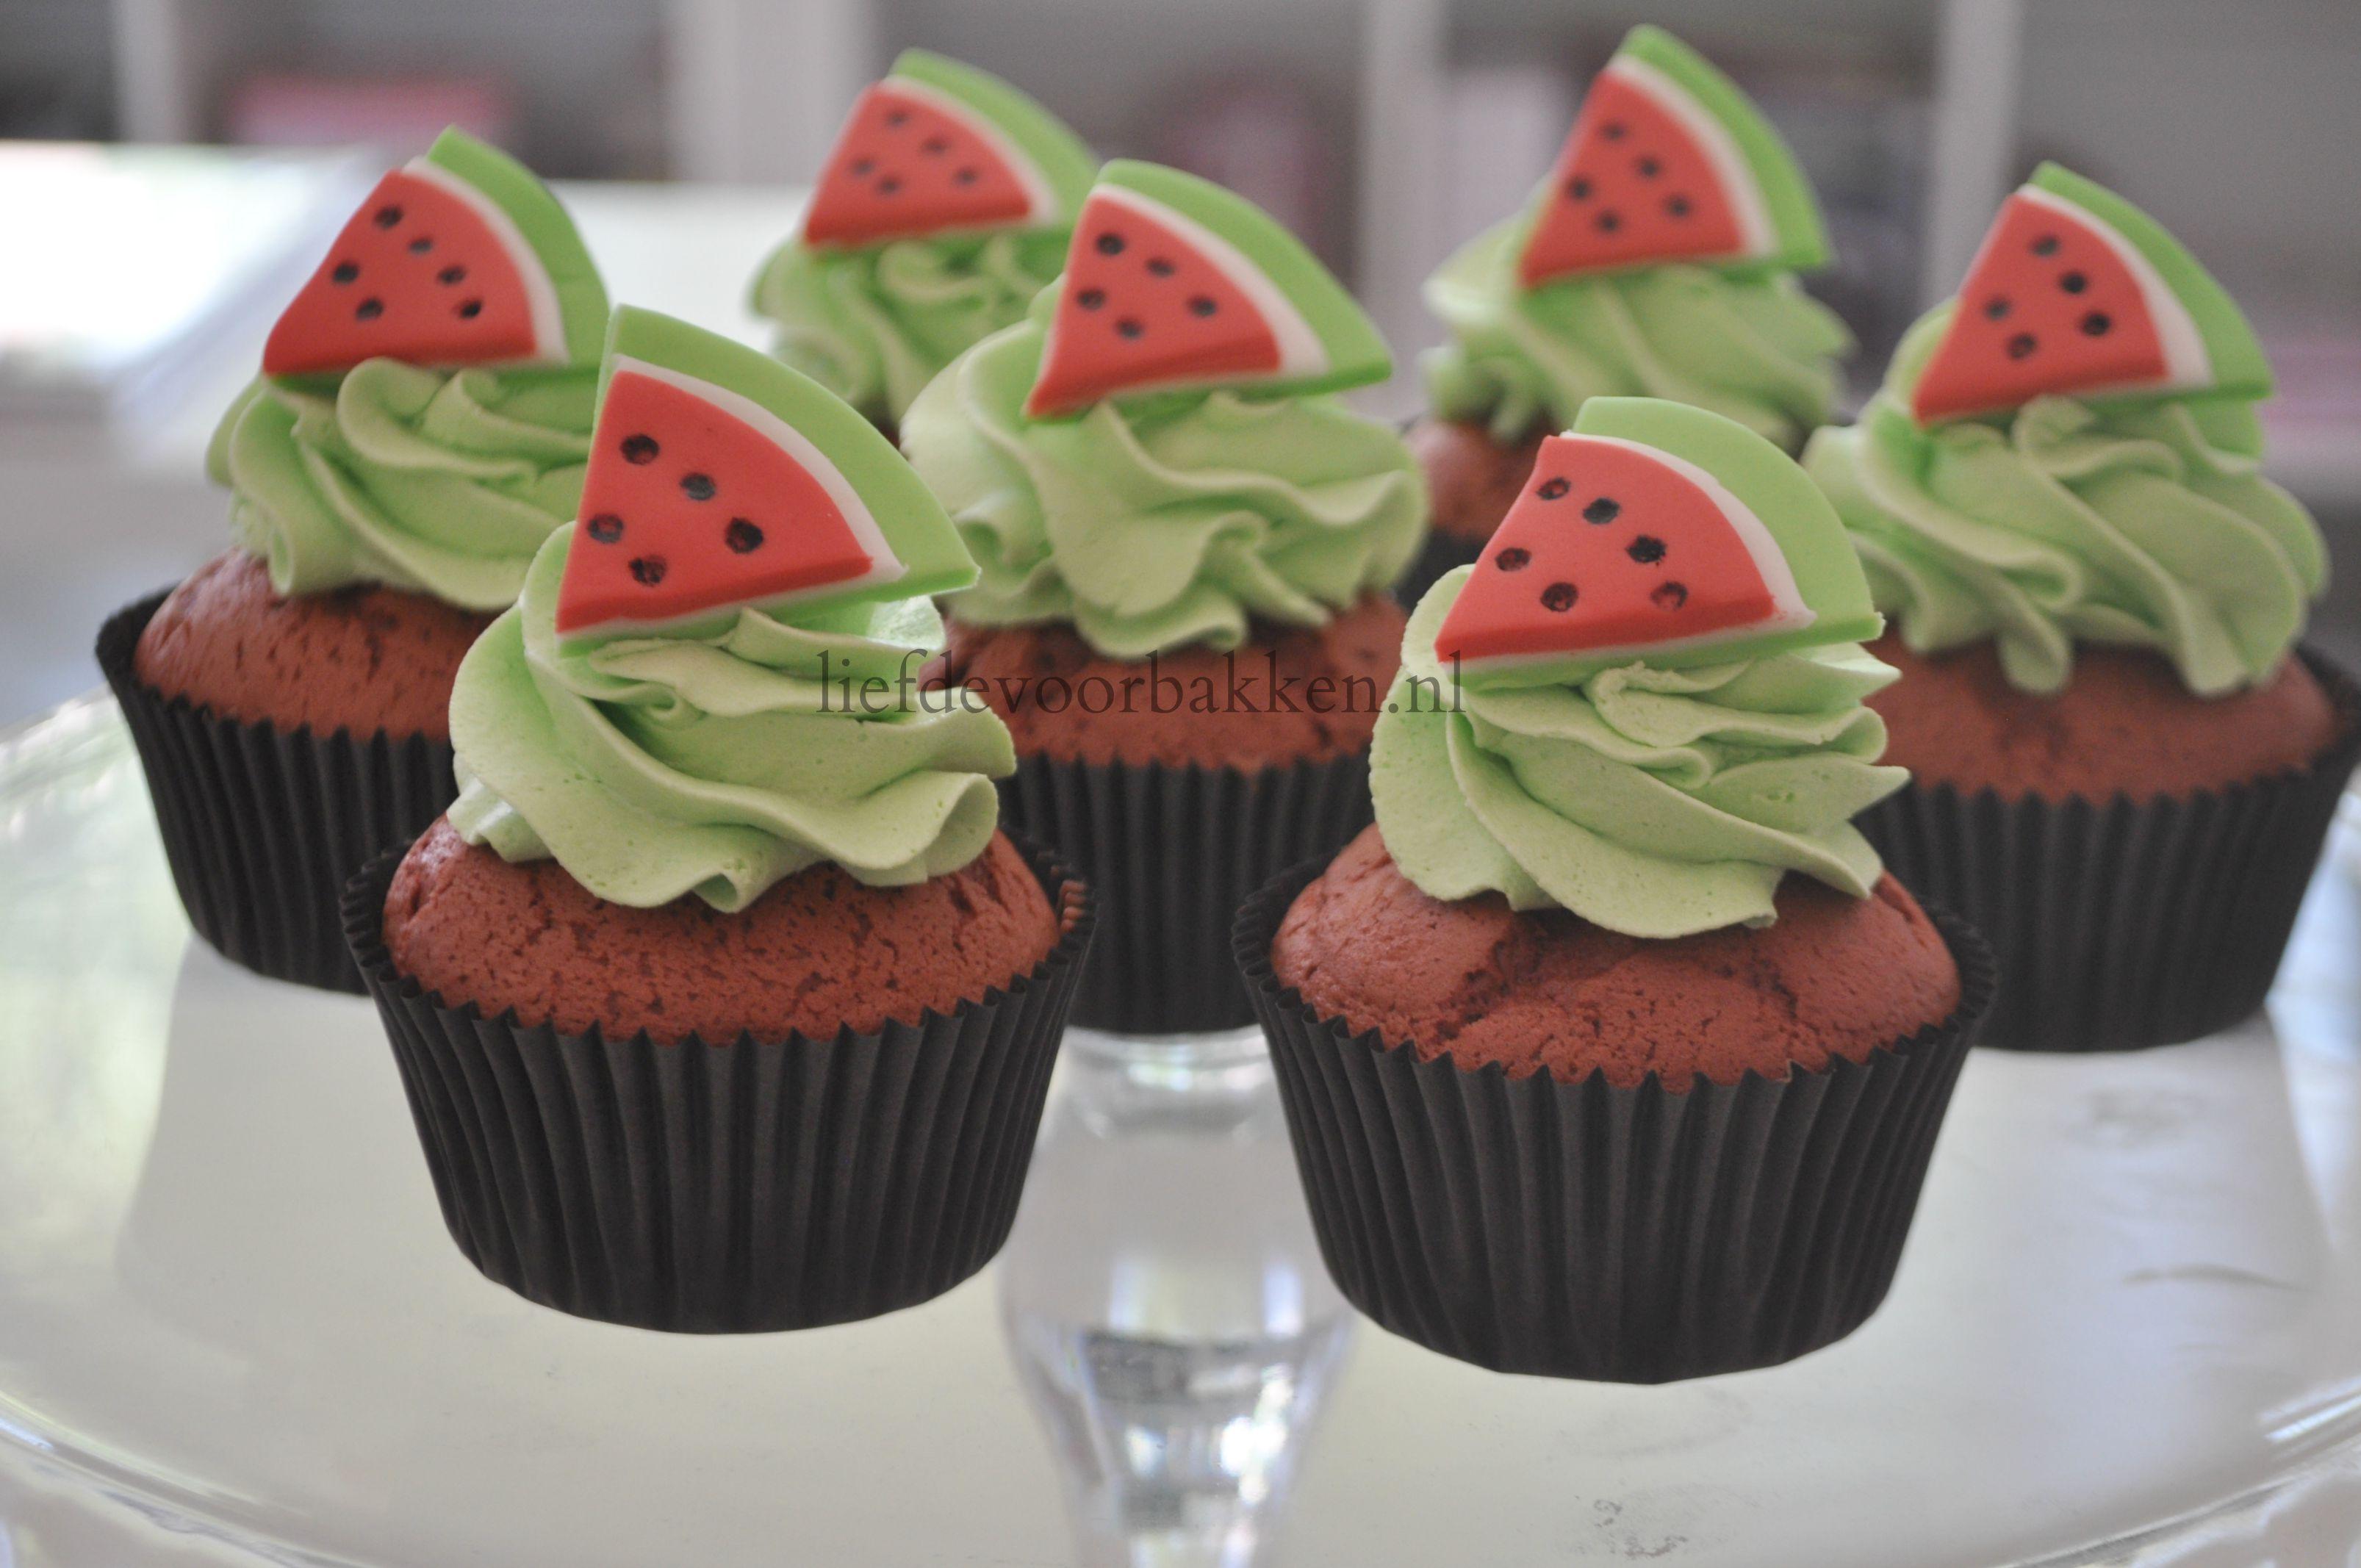 Red velvet watermeloen cupcakes